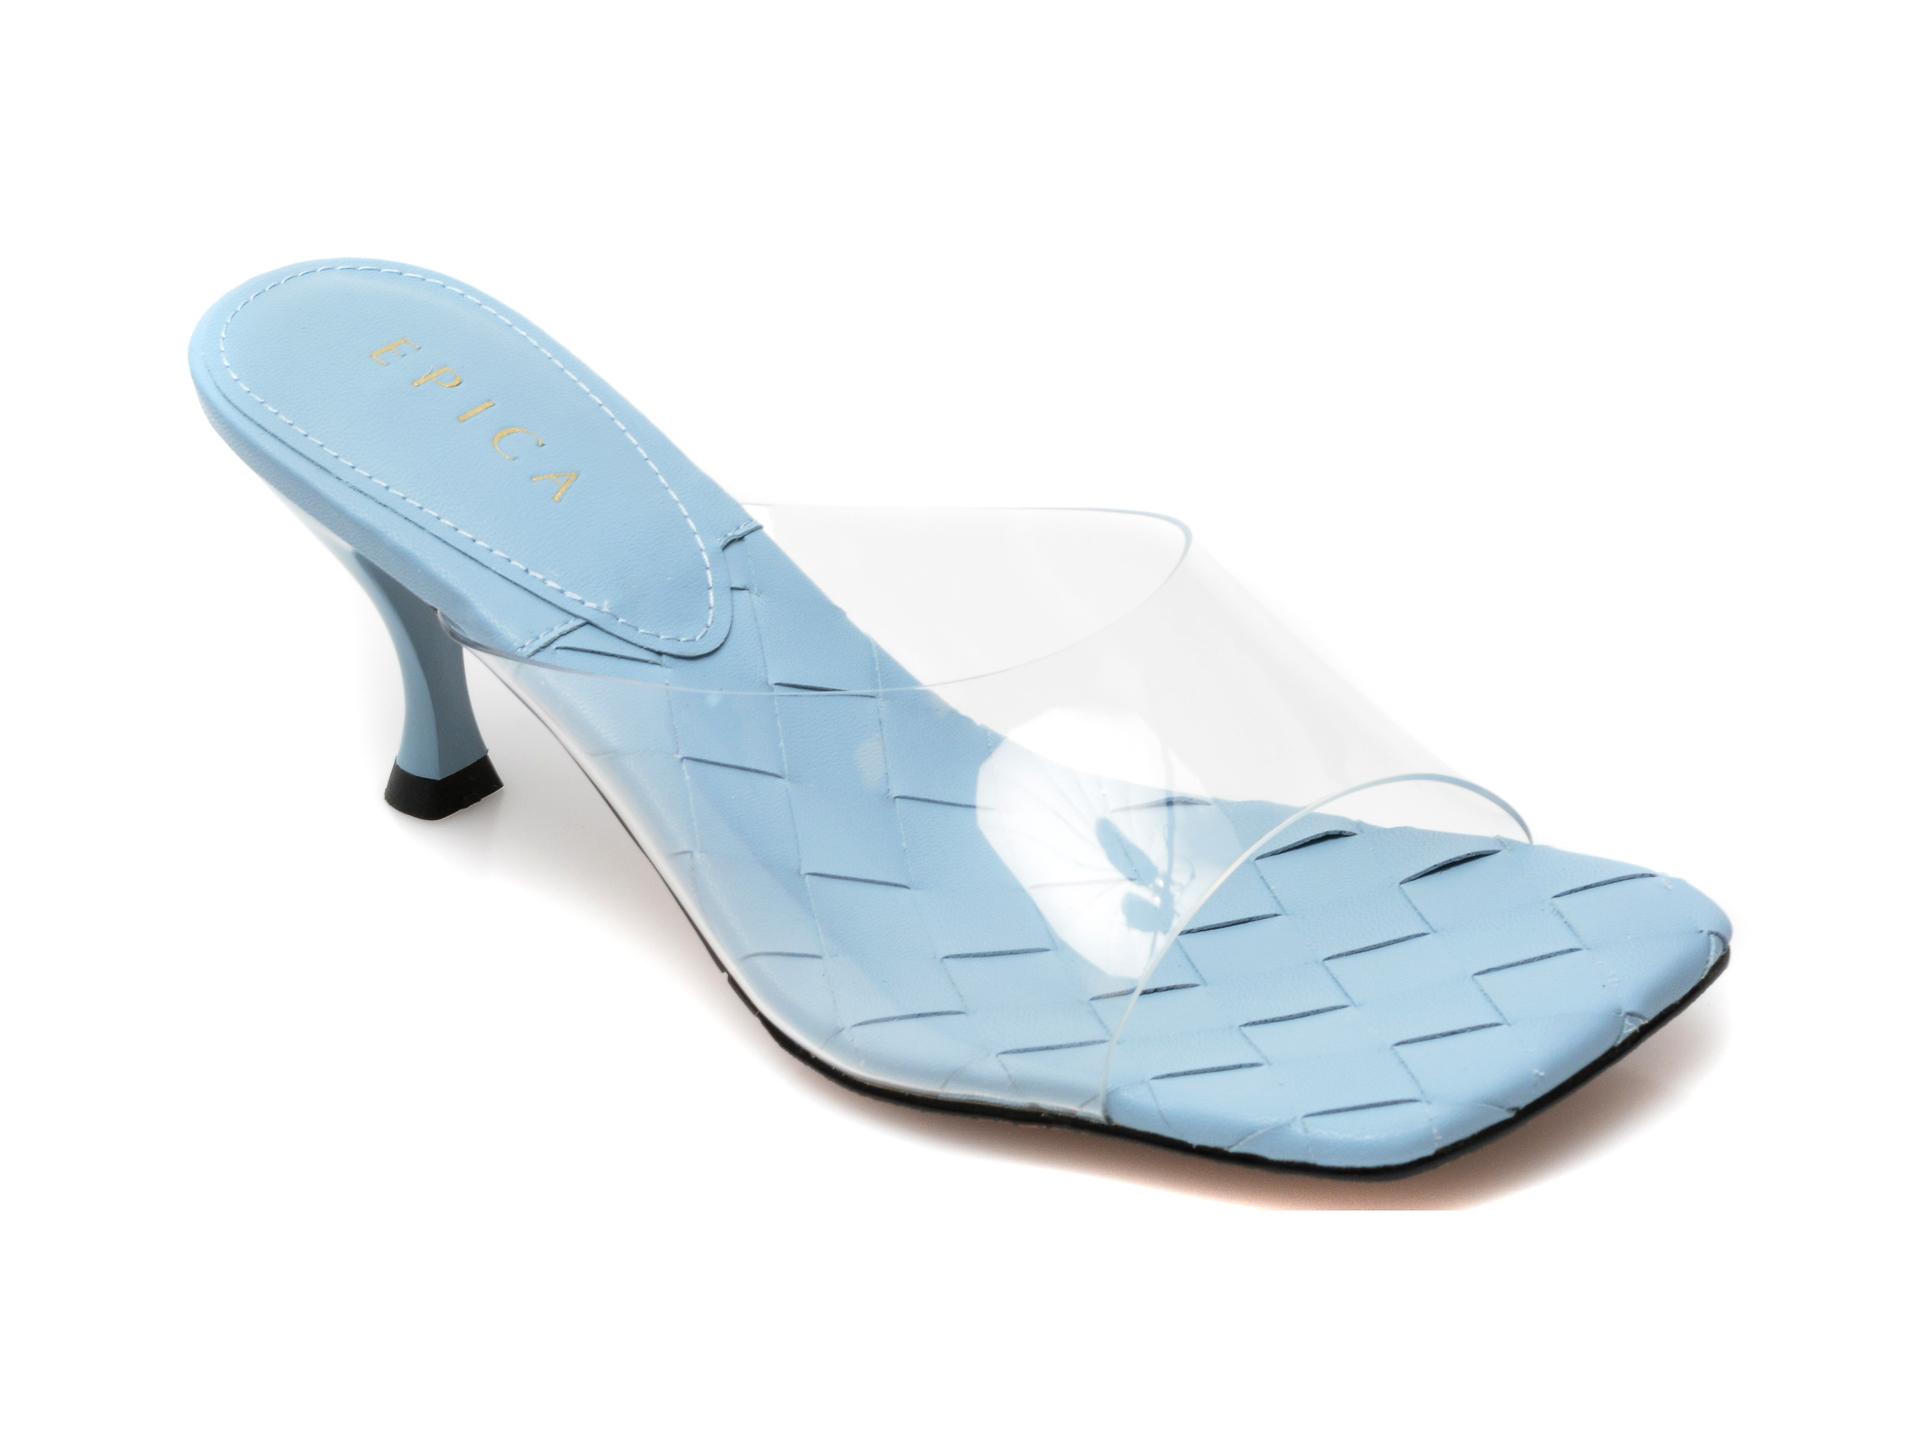 Papuci EPICA albastri, L302D62, din pvc imagine otter.ro 2021